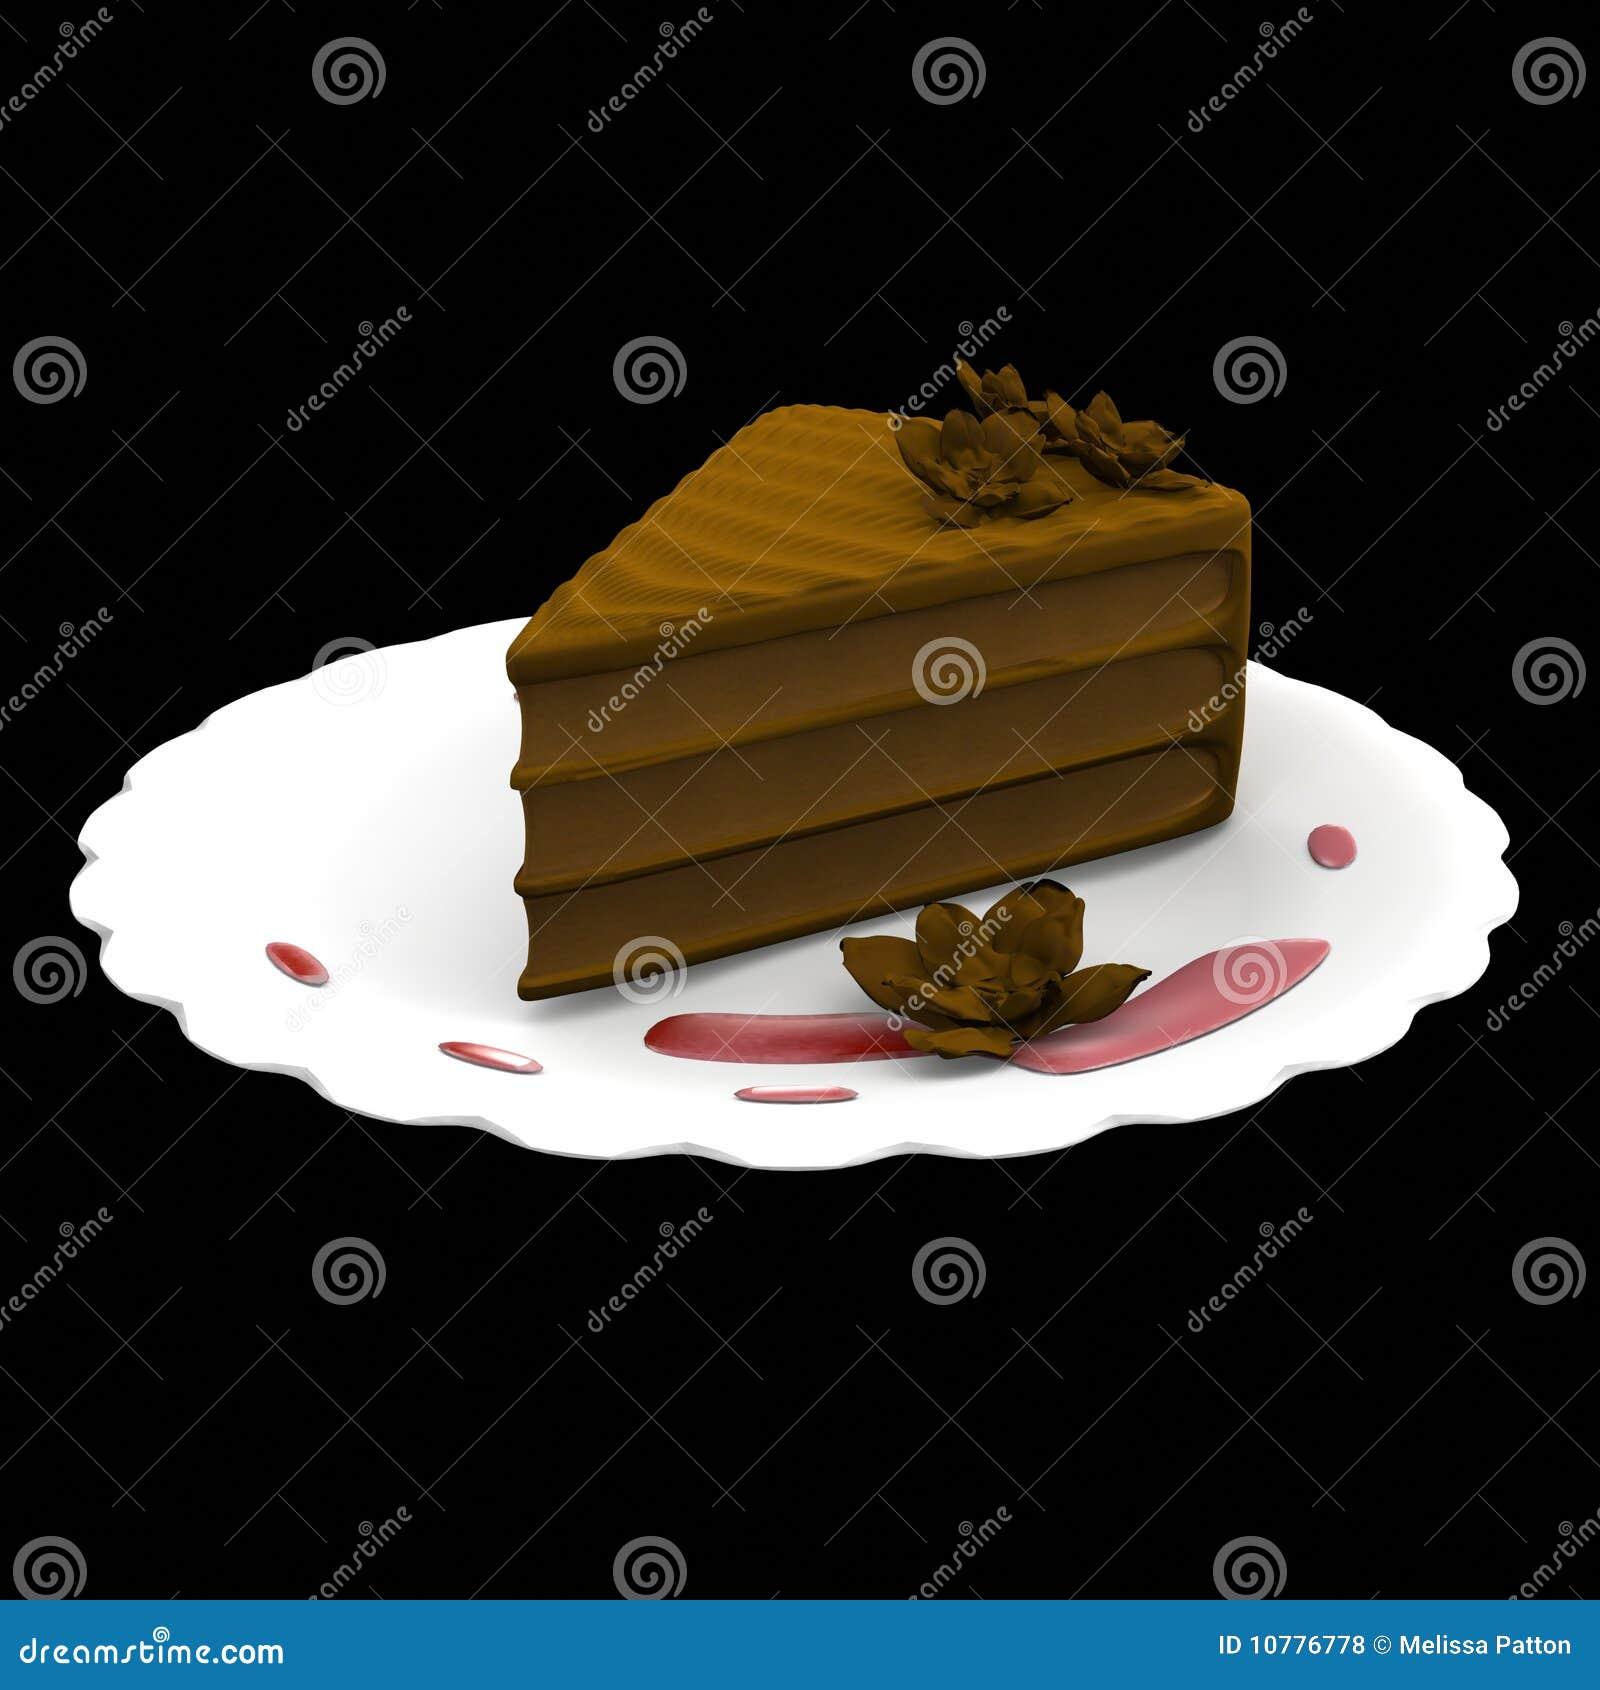 De cakeplak van de chocolade - 3d geproduceerde computer